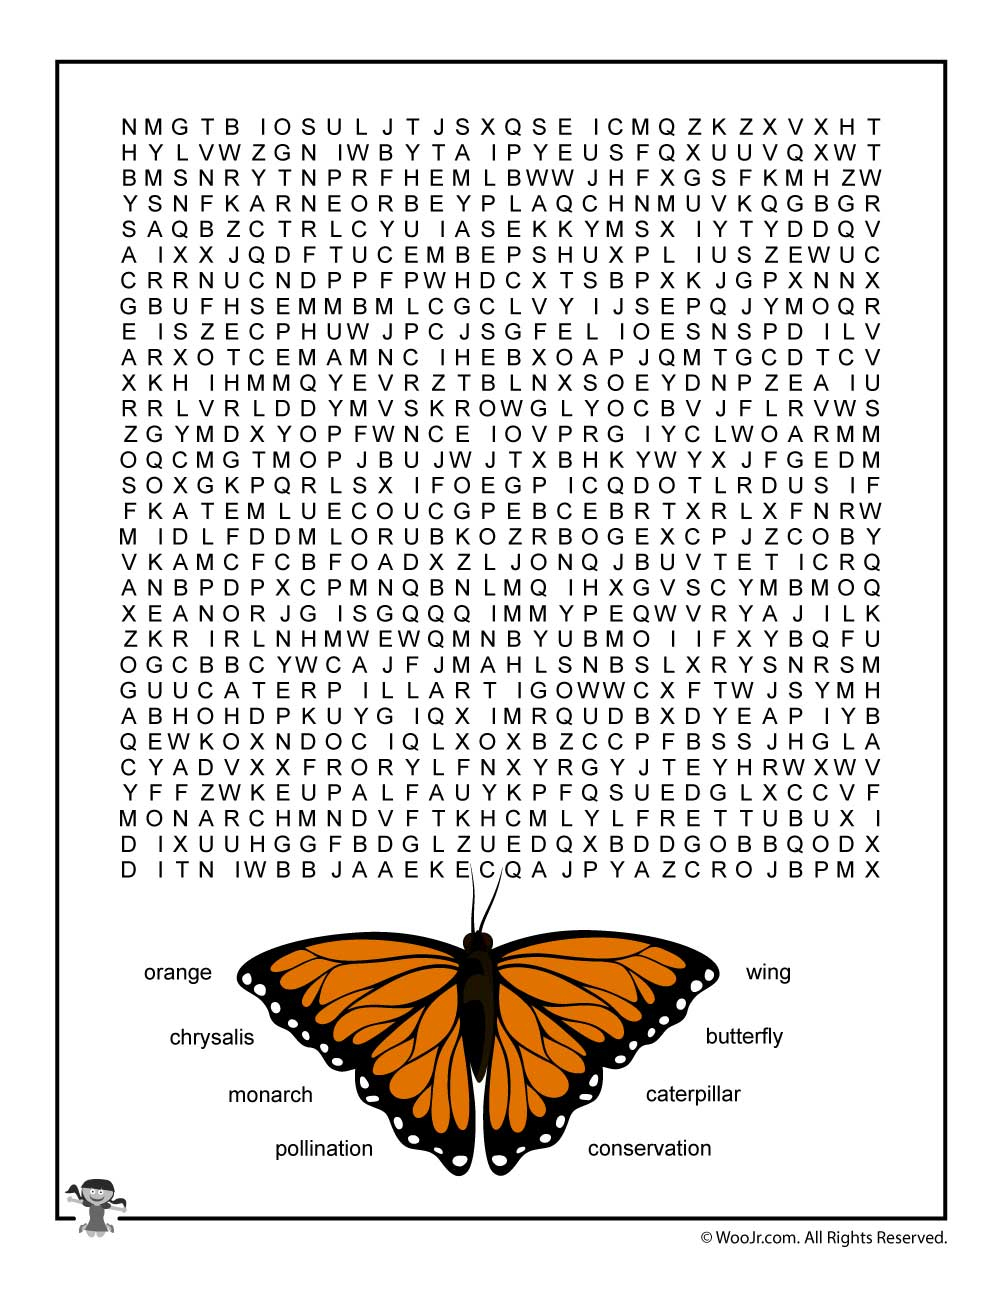 Monarch Butterfly Word Search For Kids | Woo! Jr. Kids